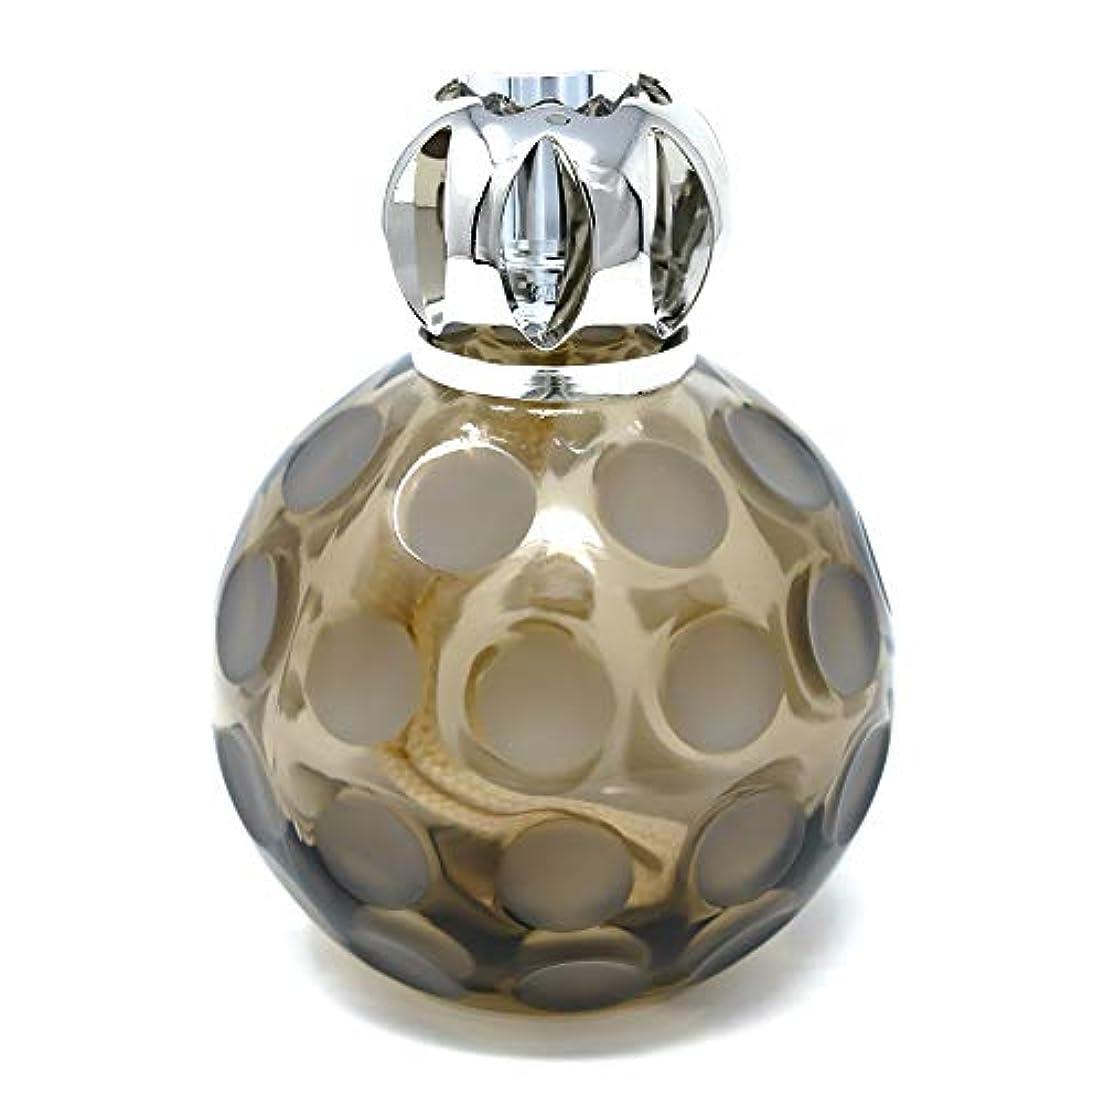 危険百年ただやるMaison Berger | Lamp Bergerモデル球| Smoky | ホームフレグランスディフューザー | 浄化と香水 | 5x3x3.5インチ | フランス製